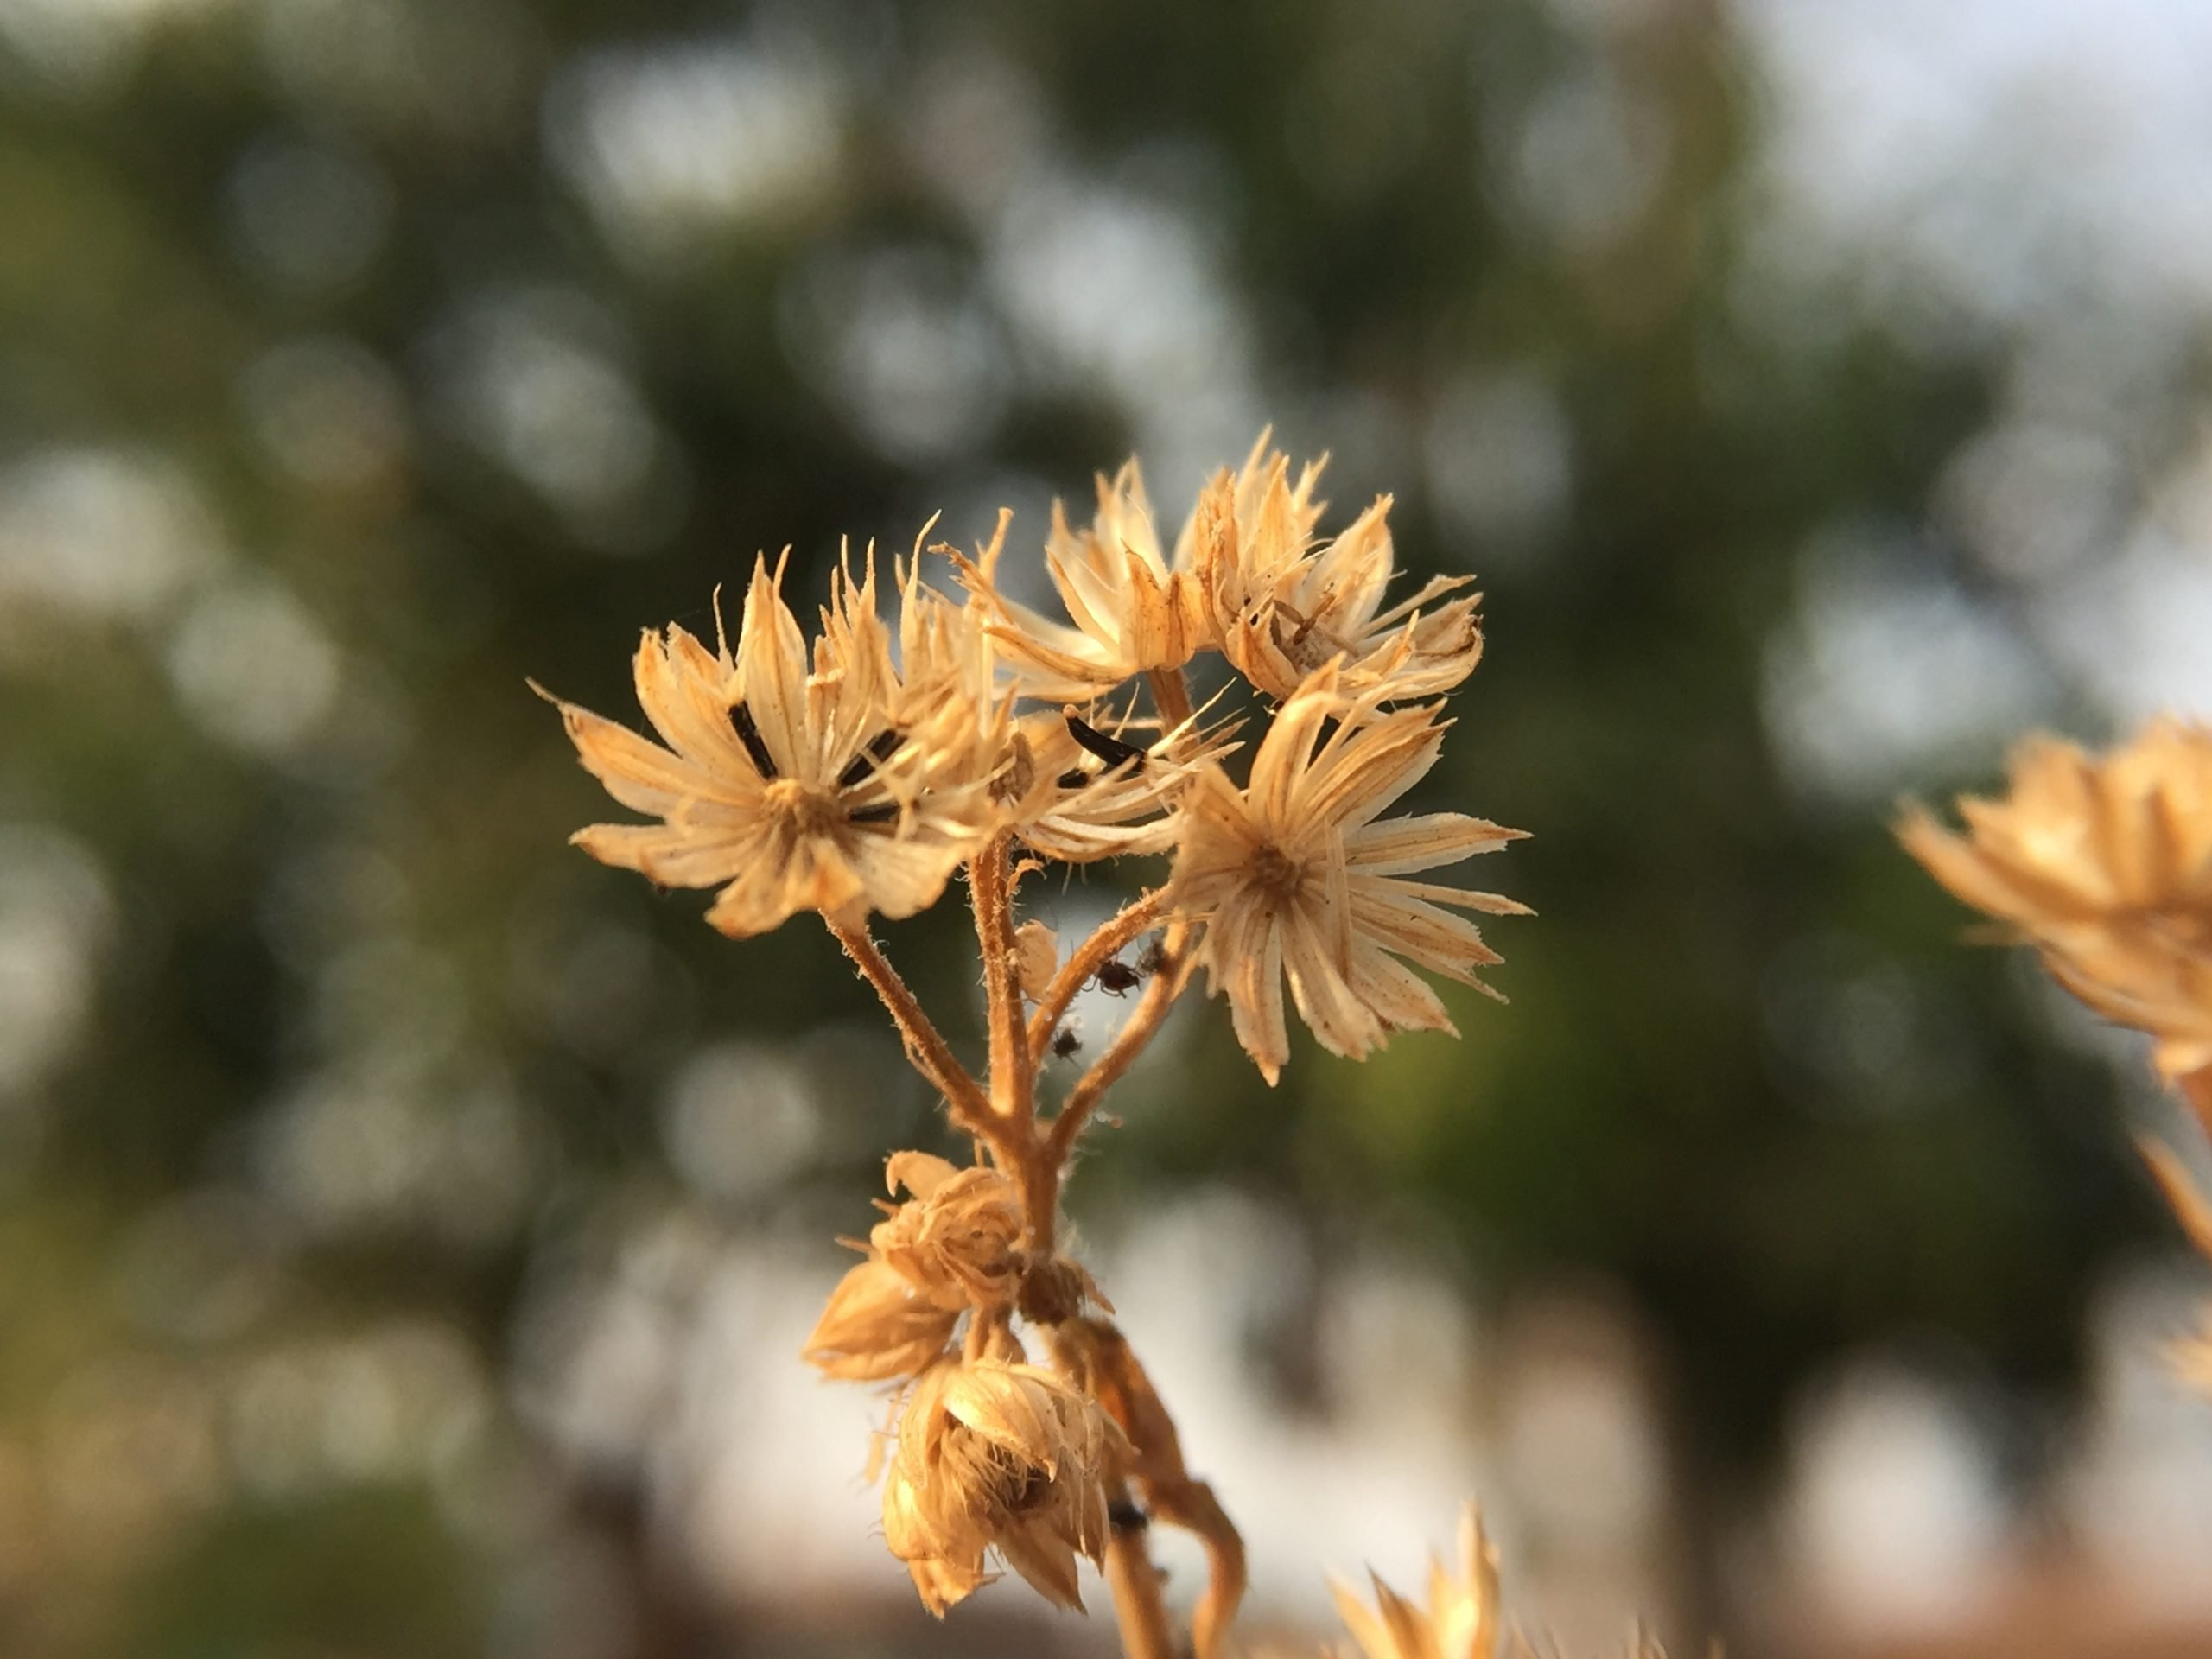 Dry flower on dry plant